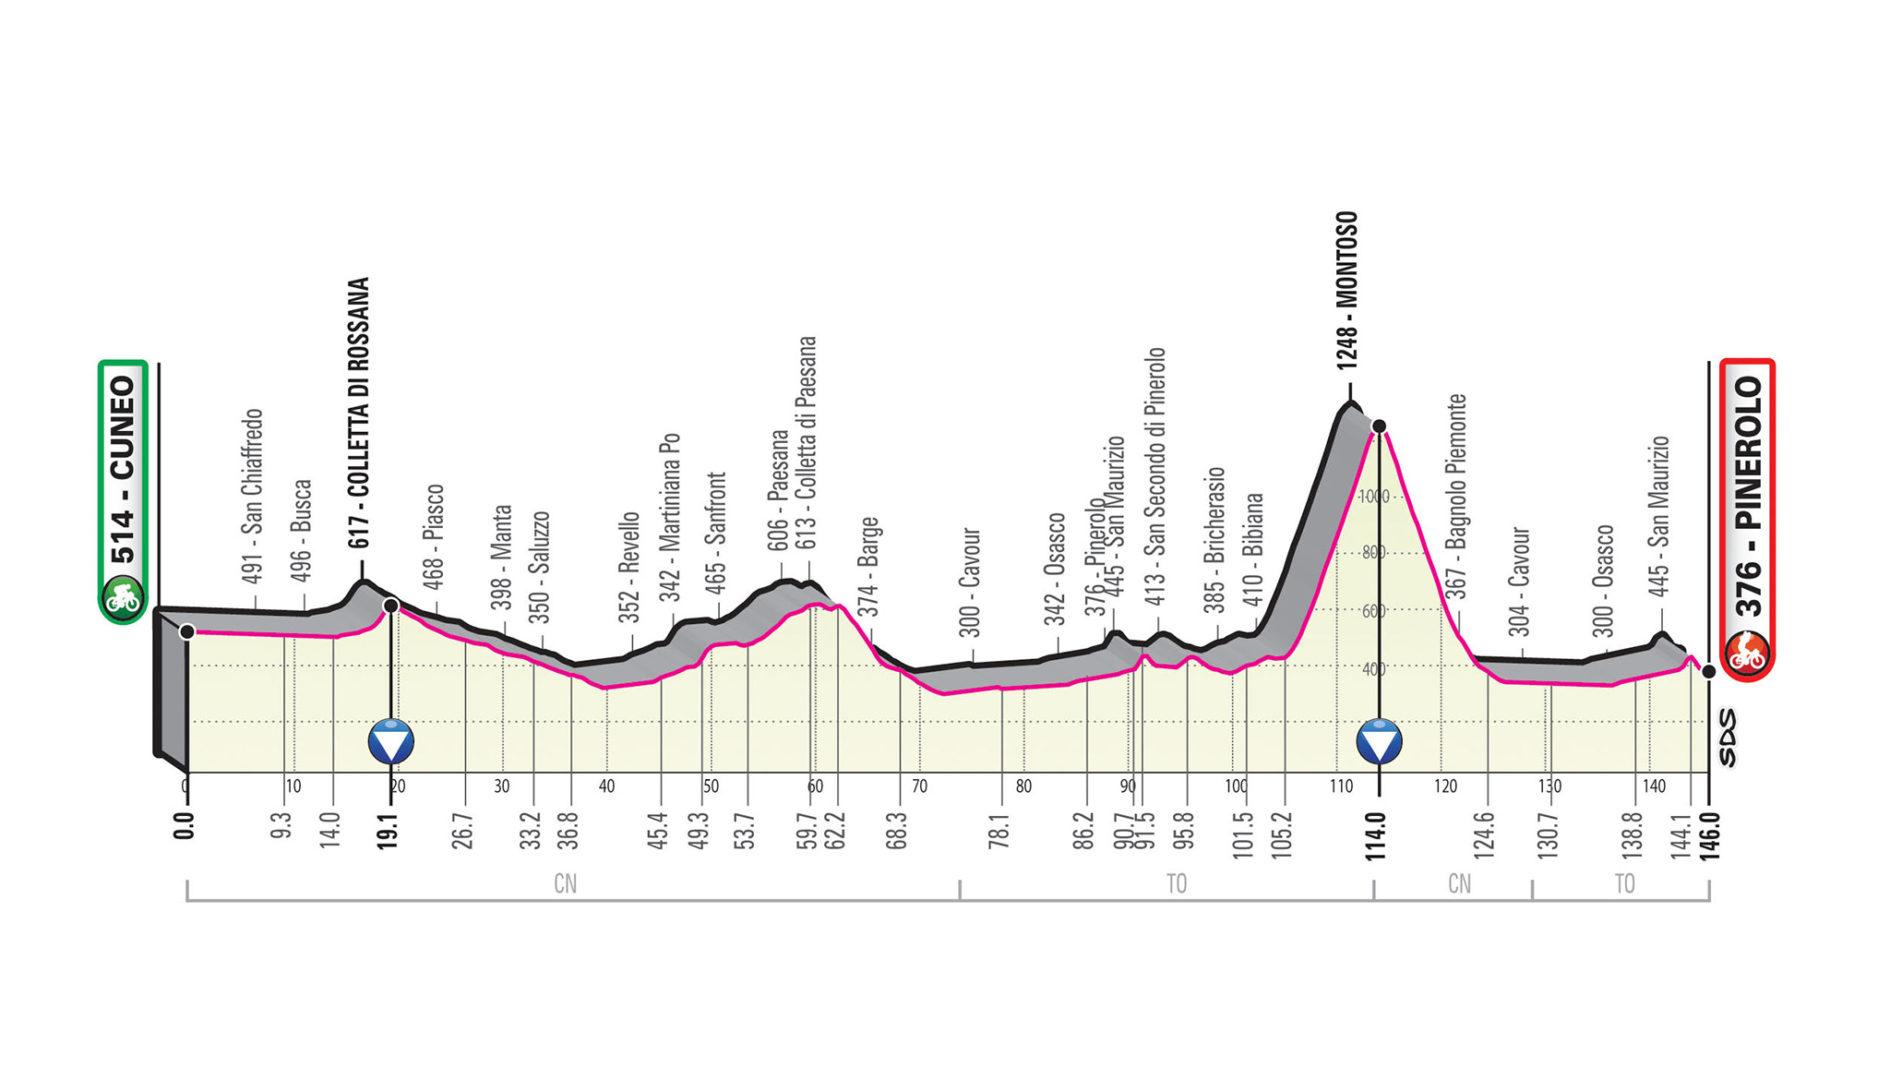 Perfil de la etapa 12 del Giro de Italia 2019 entre Cuneo y Pinerolo.